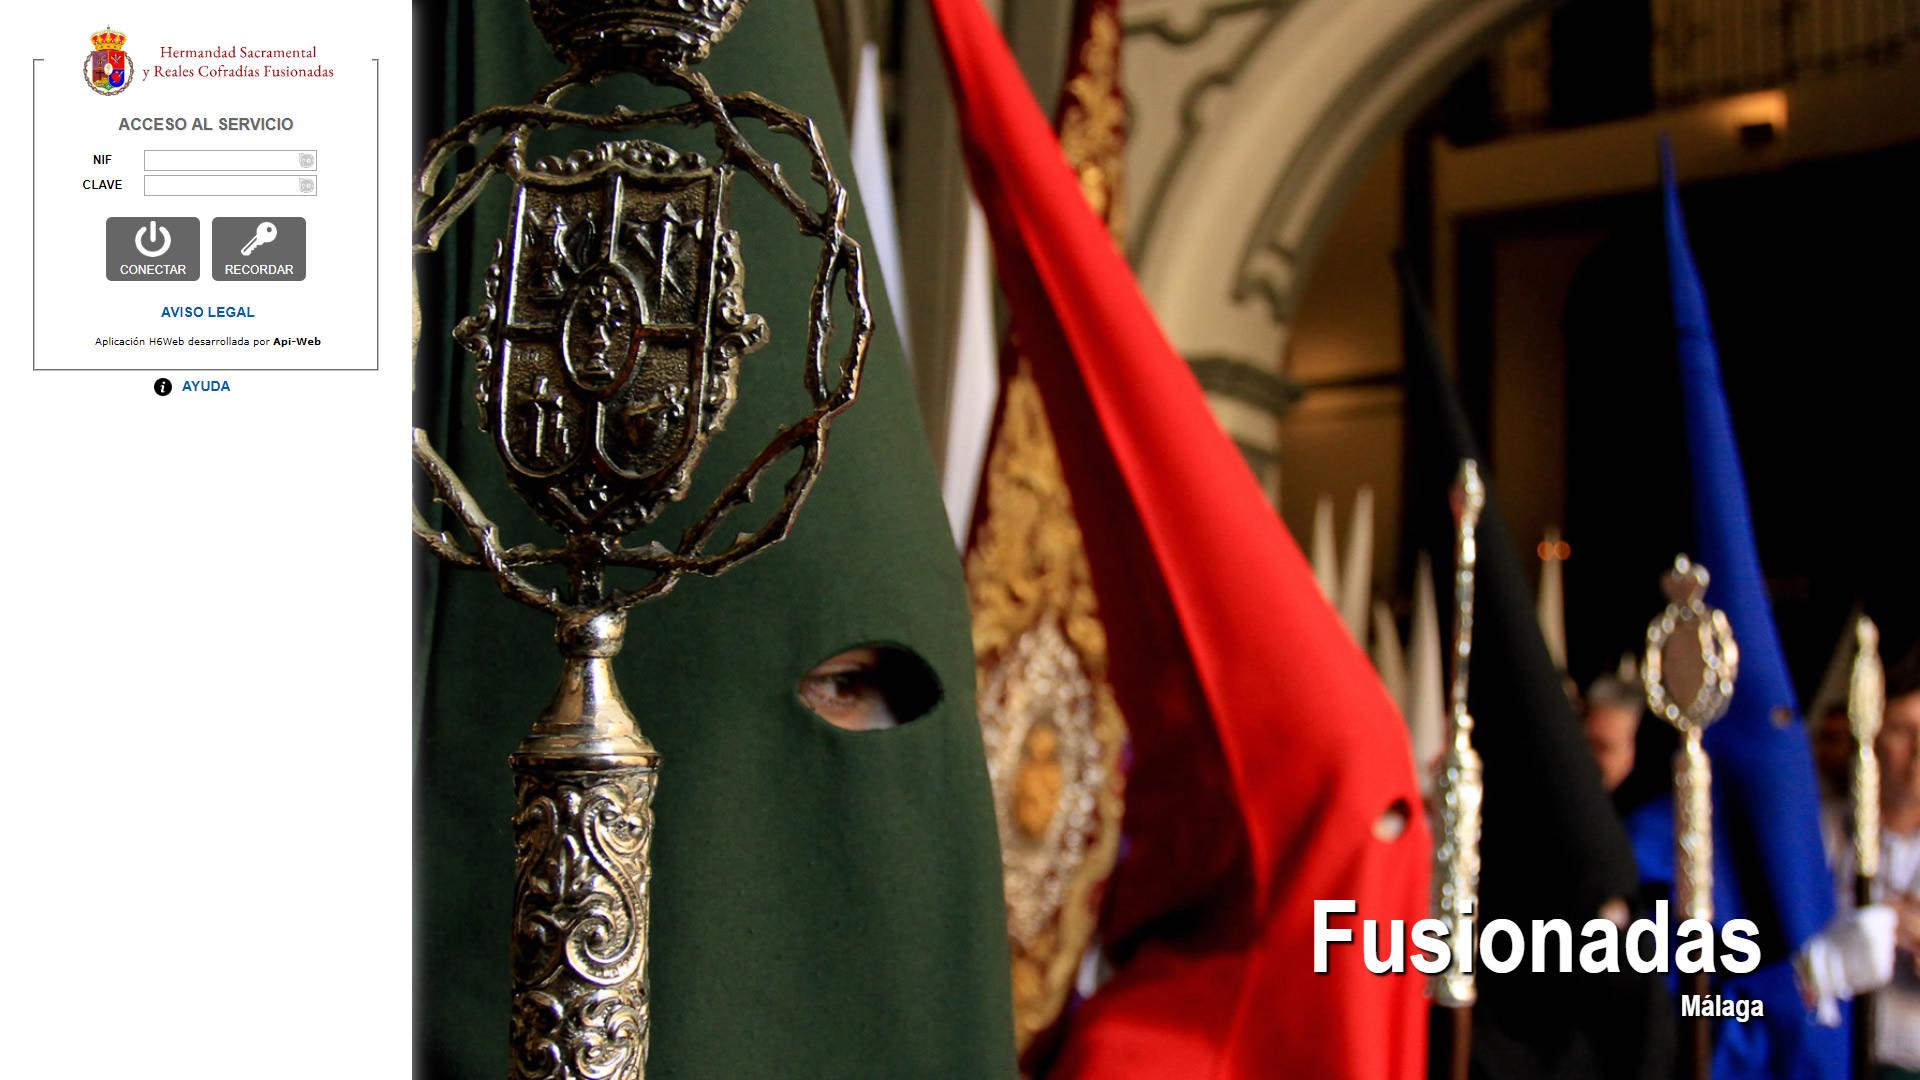 H6Web: Reales Cofradías Fusionadas de Málaga